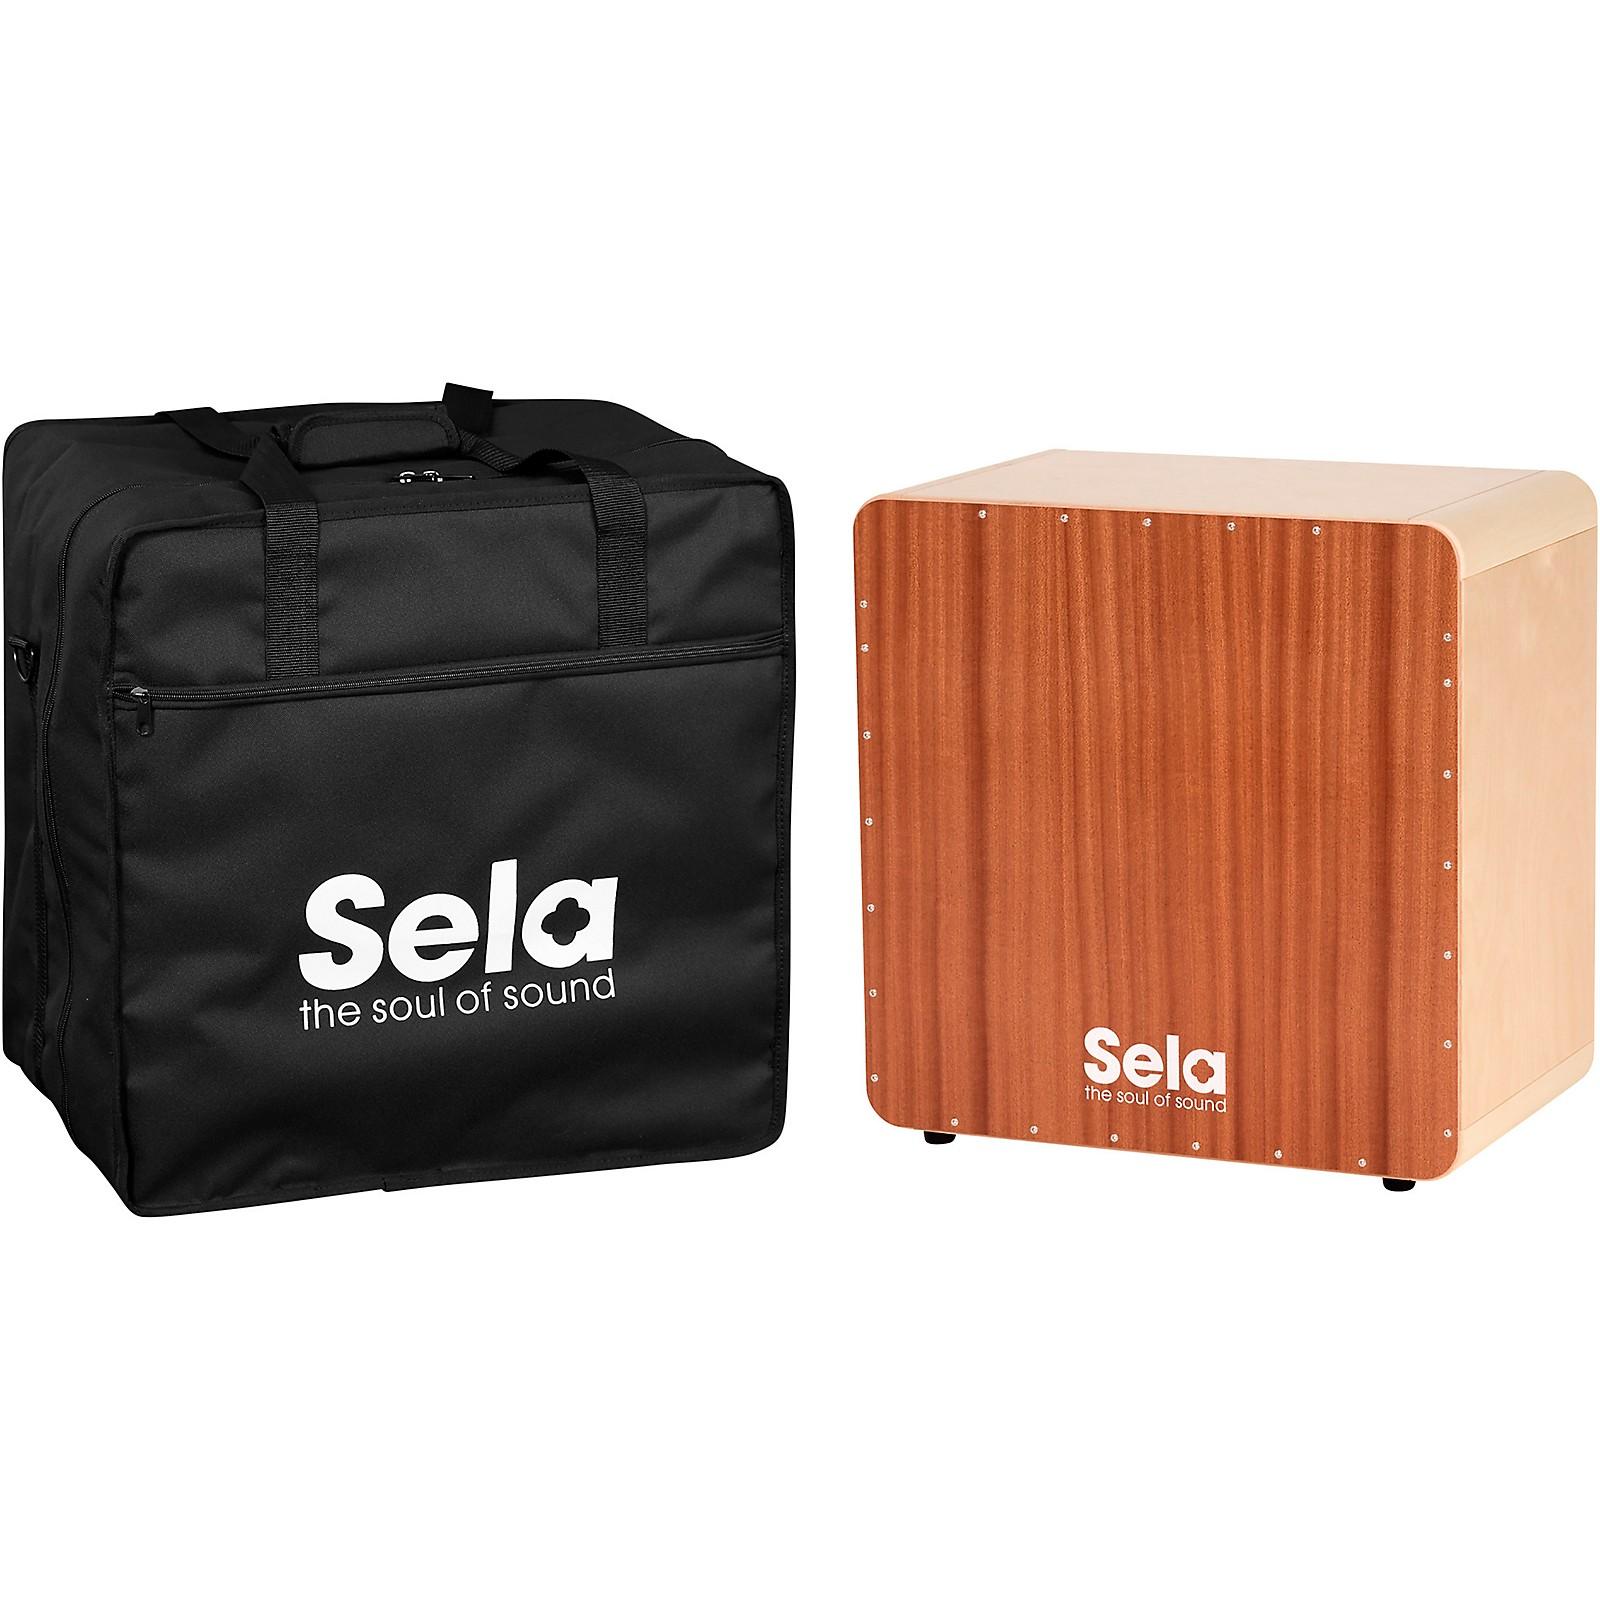 Sela Bass Cajon with Bag